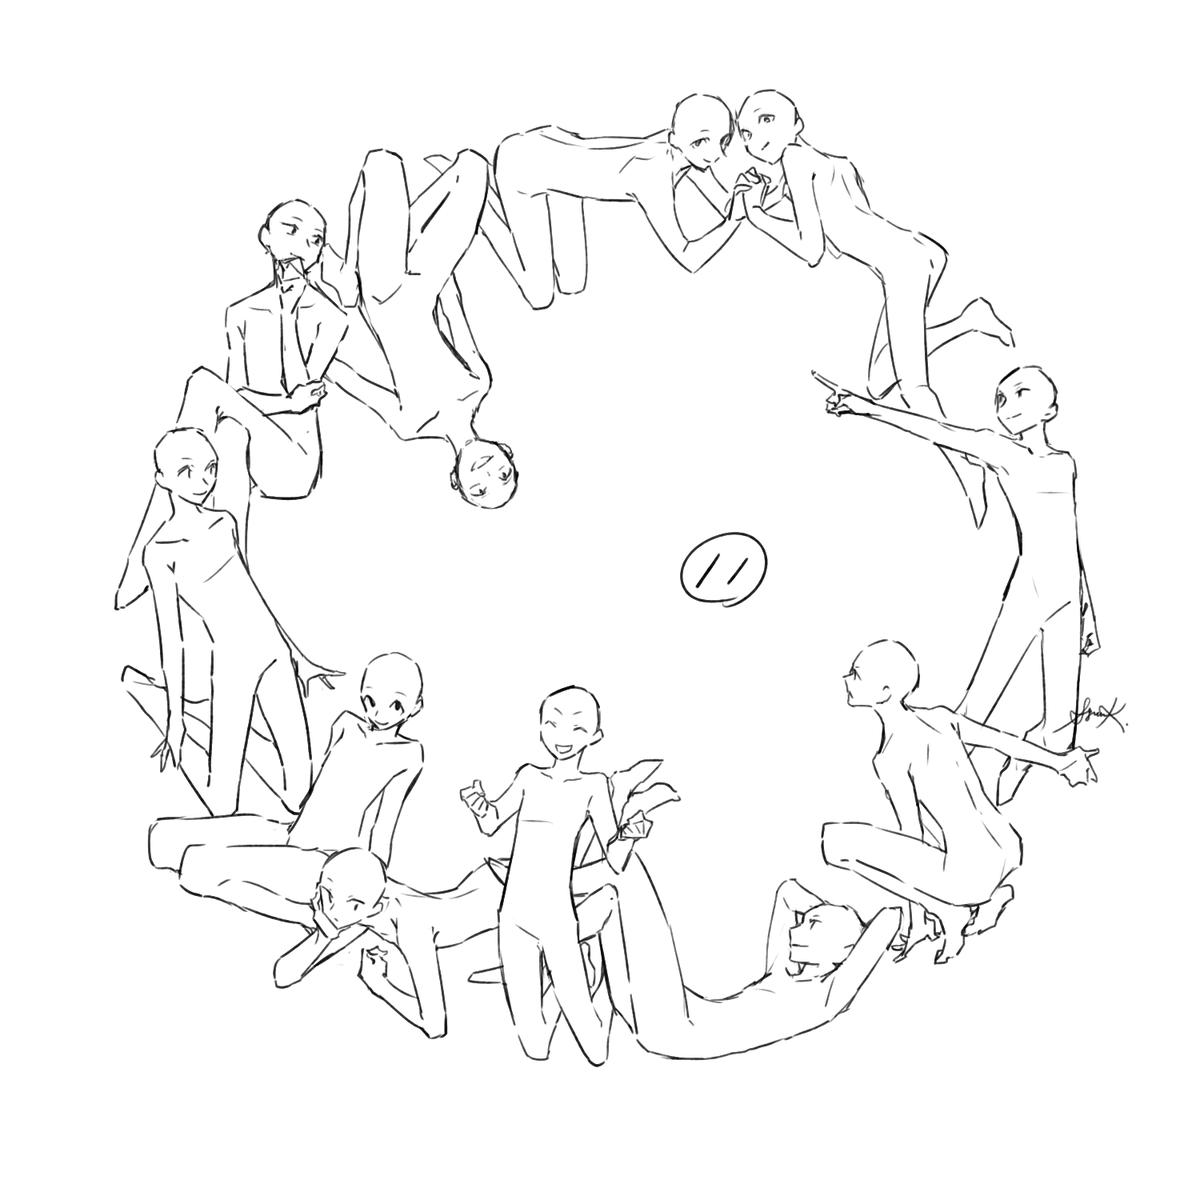 Twoucan 環状構図 の注目ツイート イラスト マンガ コスプレ モデル